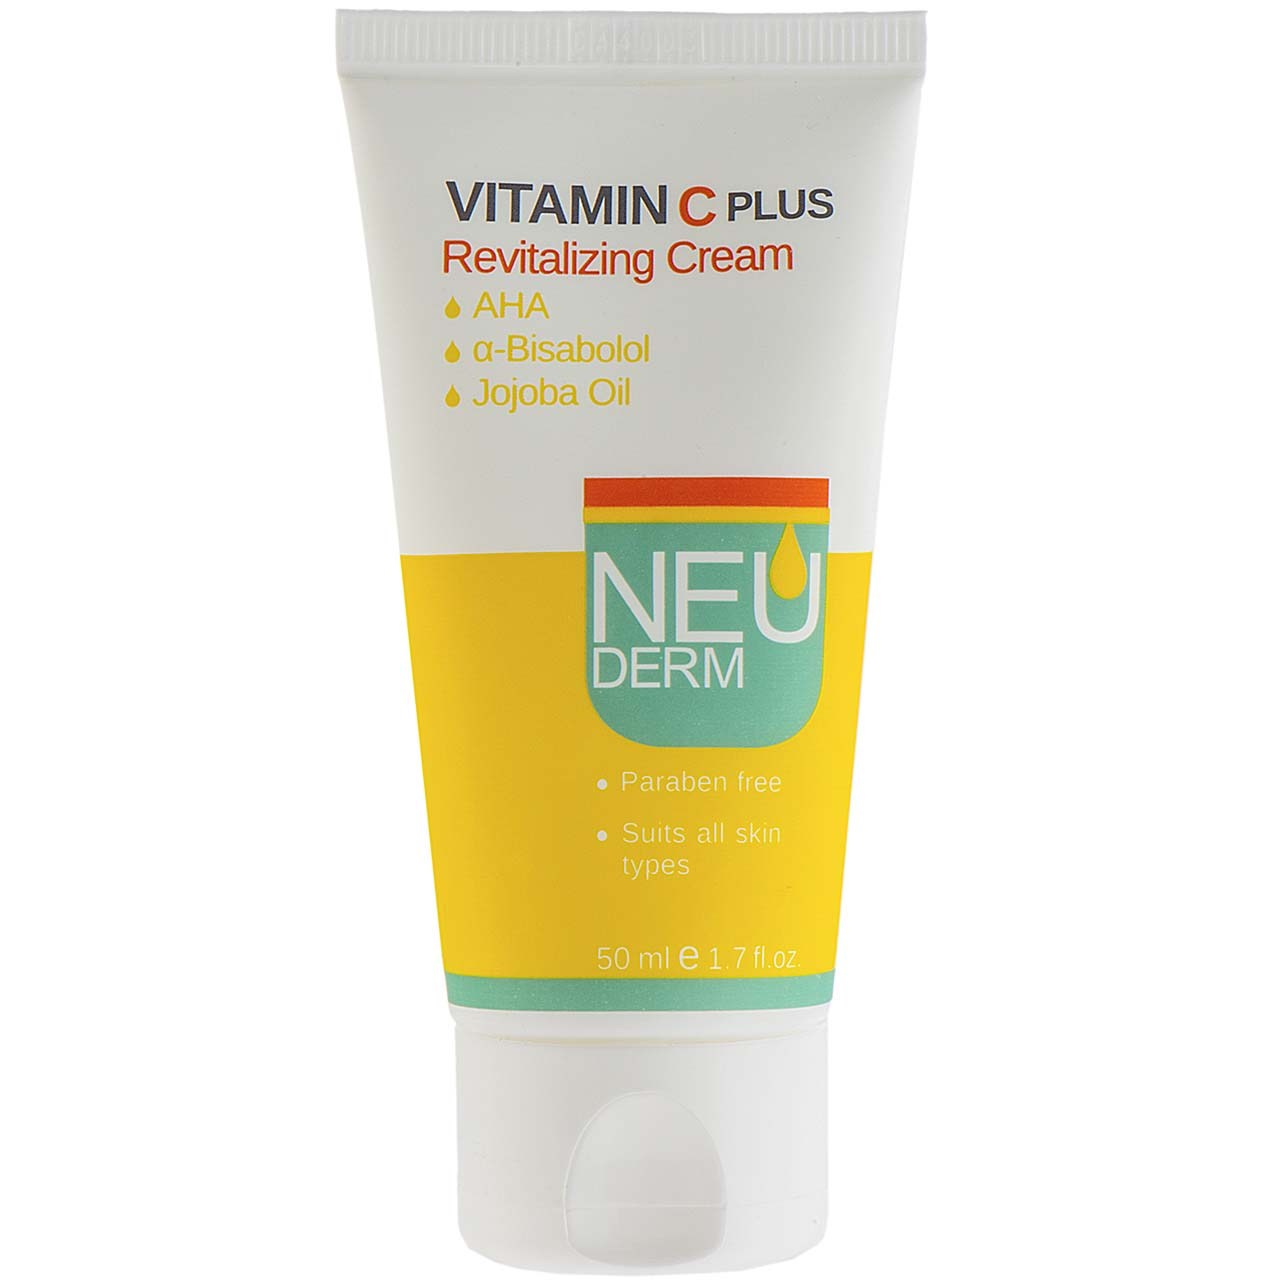 قیمت کرم روشن کننده نئودرم مدل Vitamin C Plus حجم 50 میلی لیتر